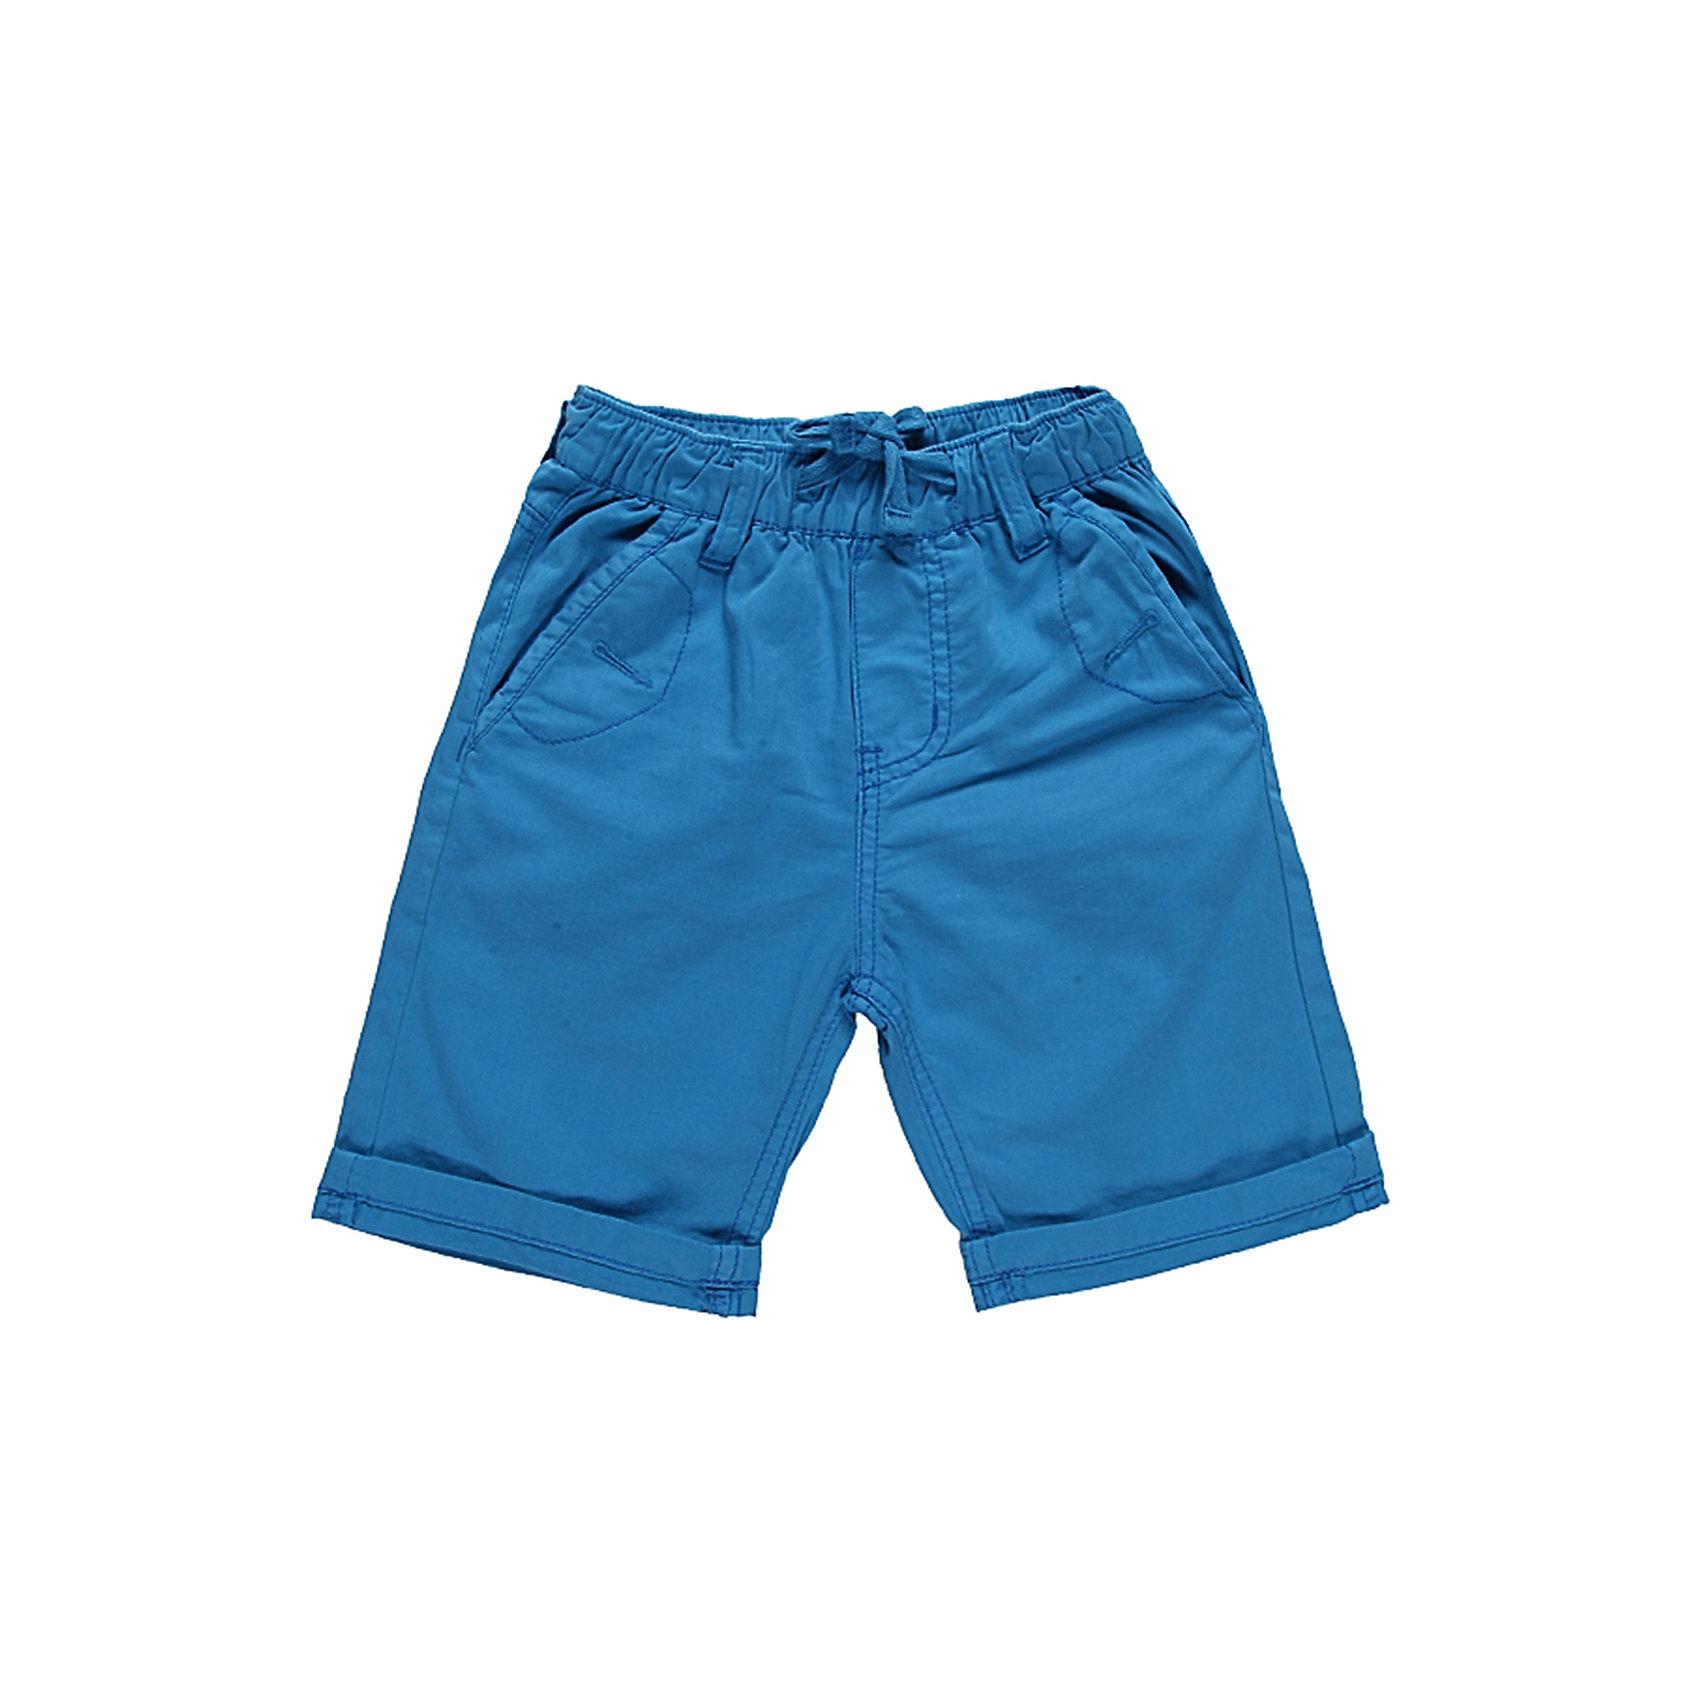 Бриджи для мальчика Sweet BerryШорты, бриджи, капри<br>Бриджи текстильные на резинке, со шнурком.<br>Состав:<br>100% хлопок<br><br>Ширина мм: 191<br>Глубина мм: 10<br>Высота мм: 175<br>Вес г: 273<br>Цвет: синий<br>Возраст от месяцев: 12<br>Возраст до месяцев: 18<br>Пол: Мужской<br>Возраст: Детский<br>Размер: 86,92,98,80<br>SKU: 4522502